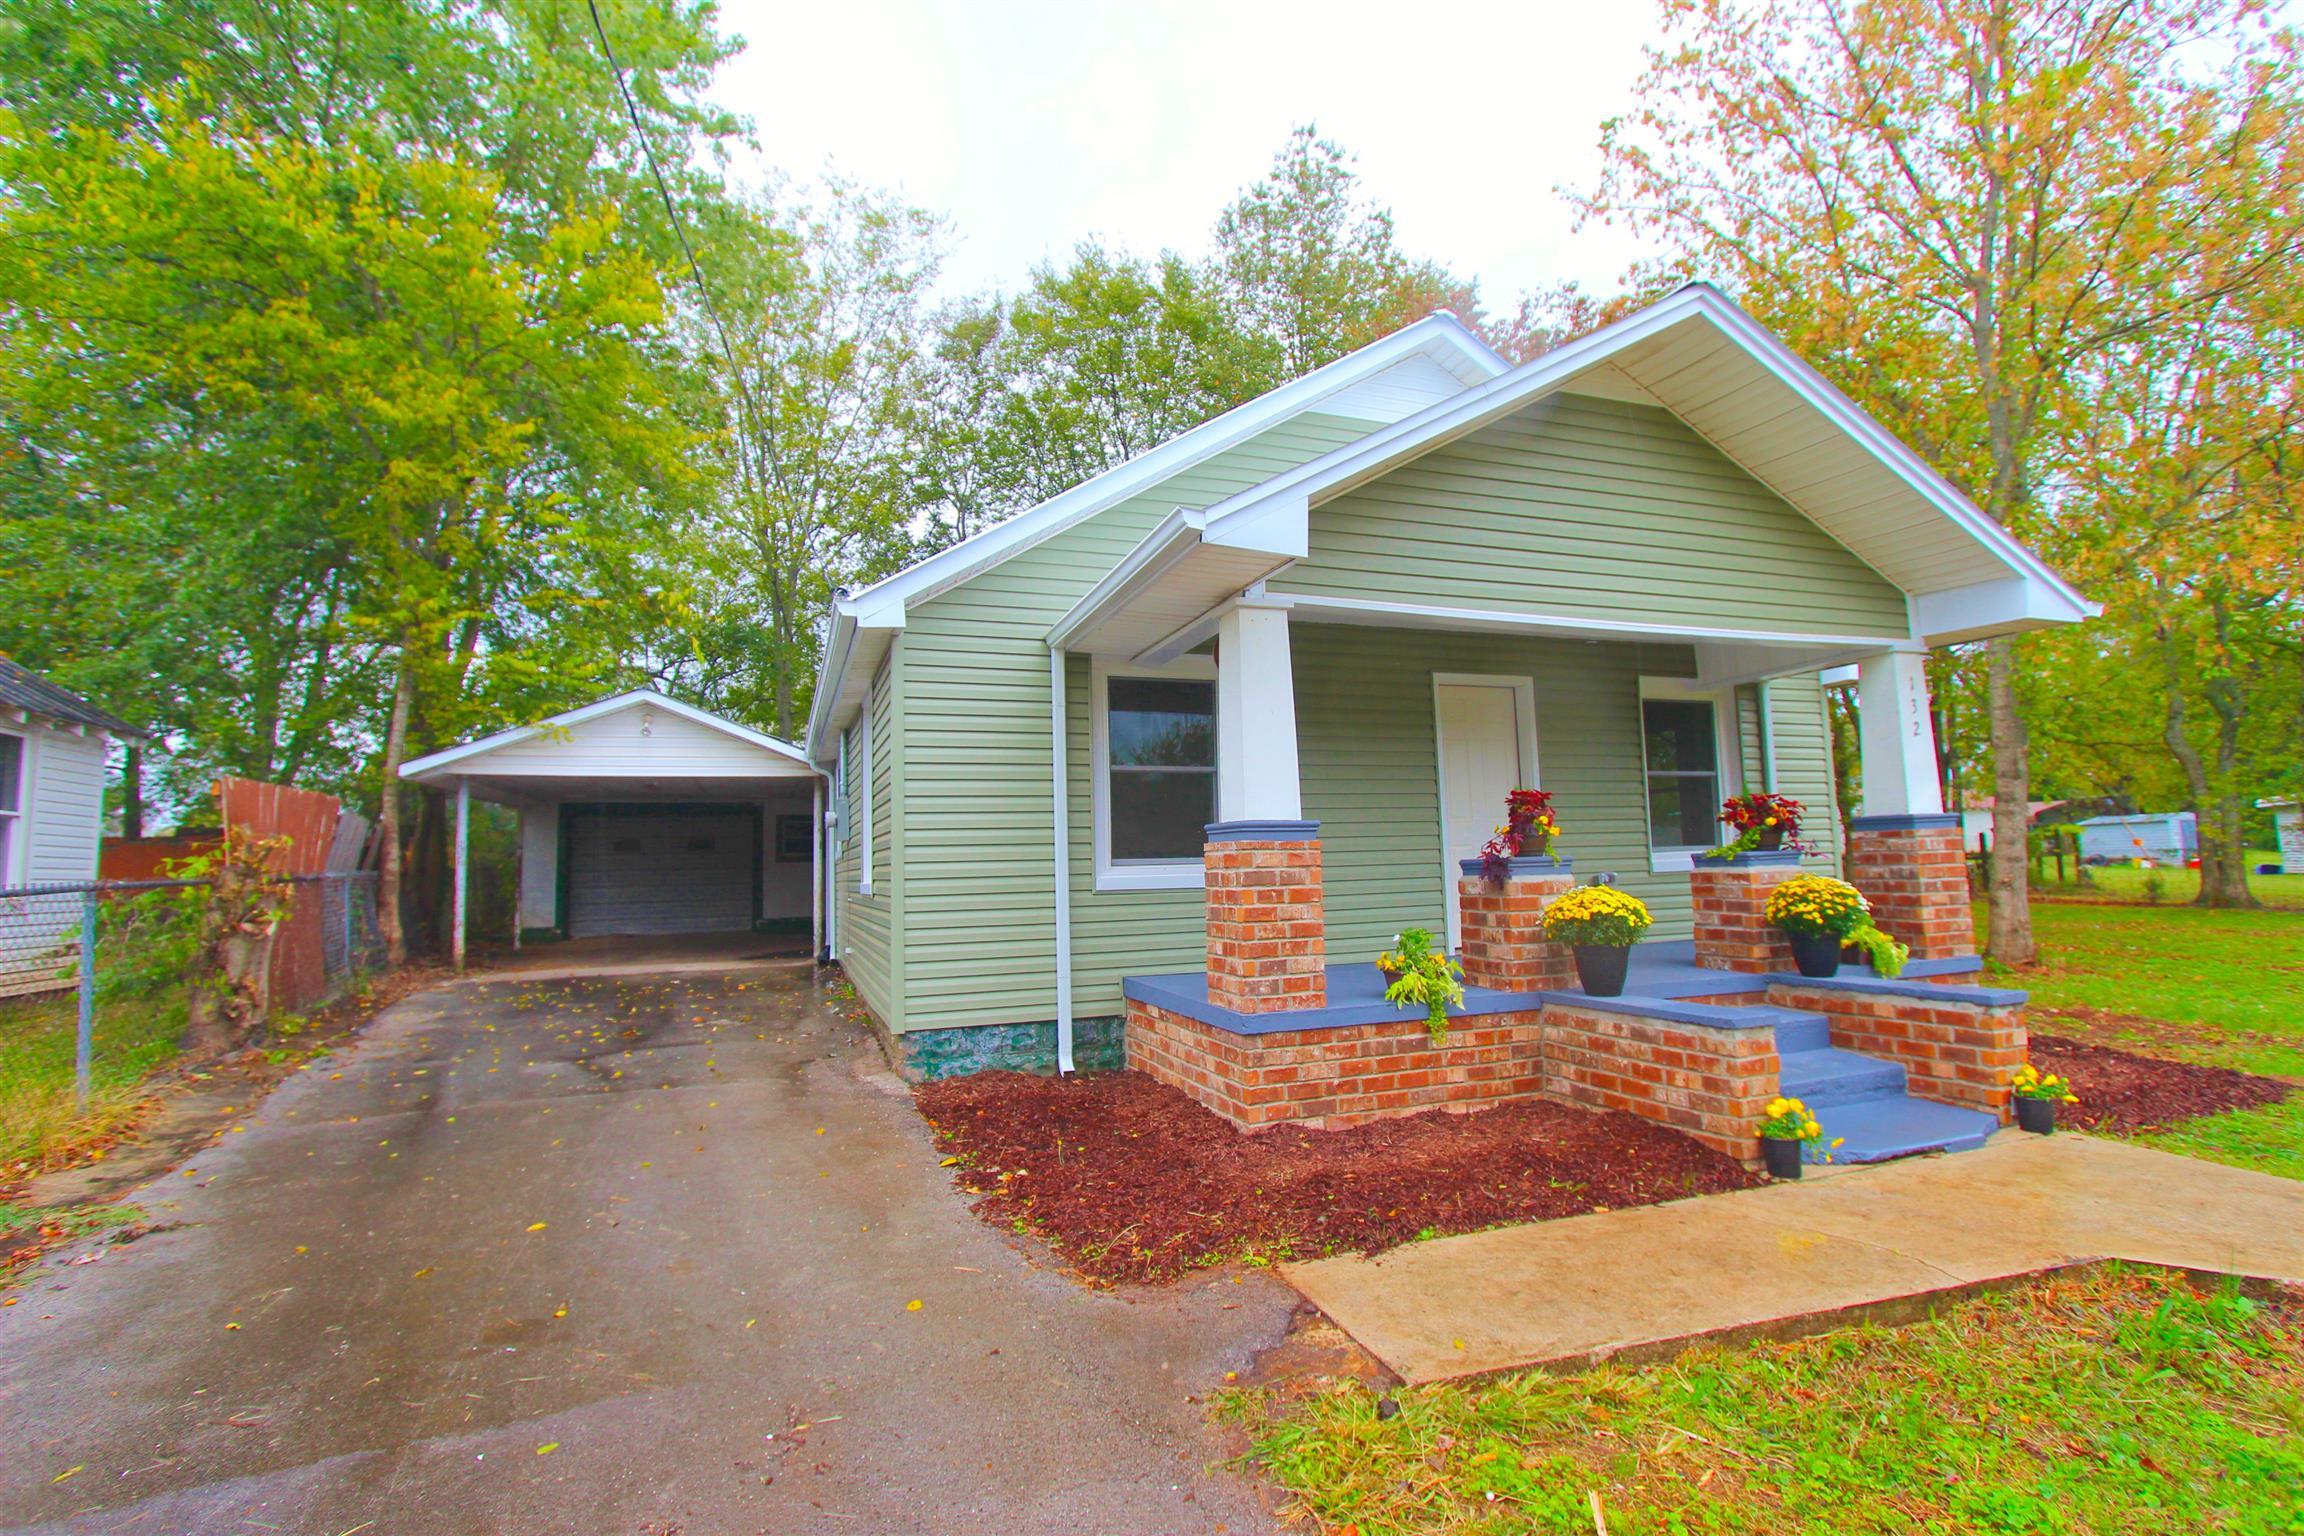 132 Stewart St, Cowan, TN 37318 - Cowan, TN real estate listing